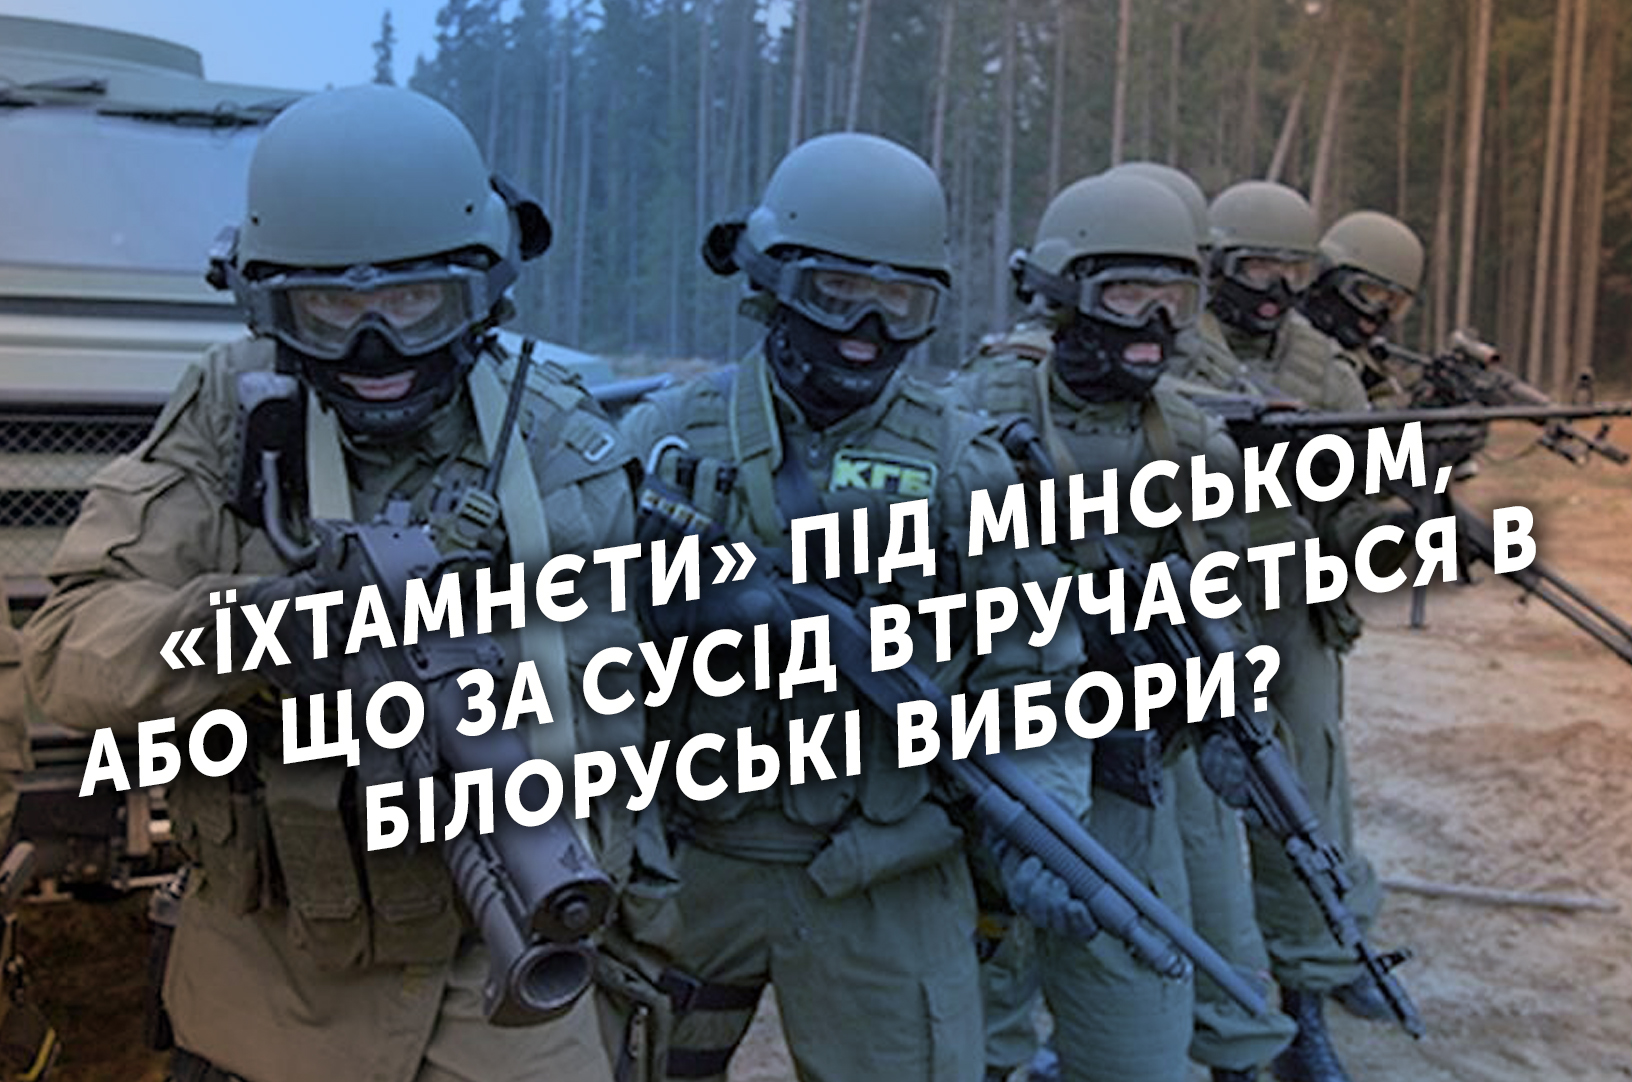 «Їхтамнєти» під Мінськом, або Що за сусід втручається в білоруські вибори?